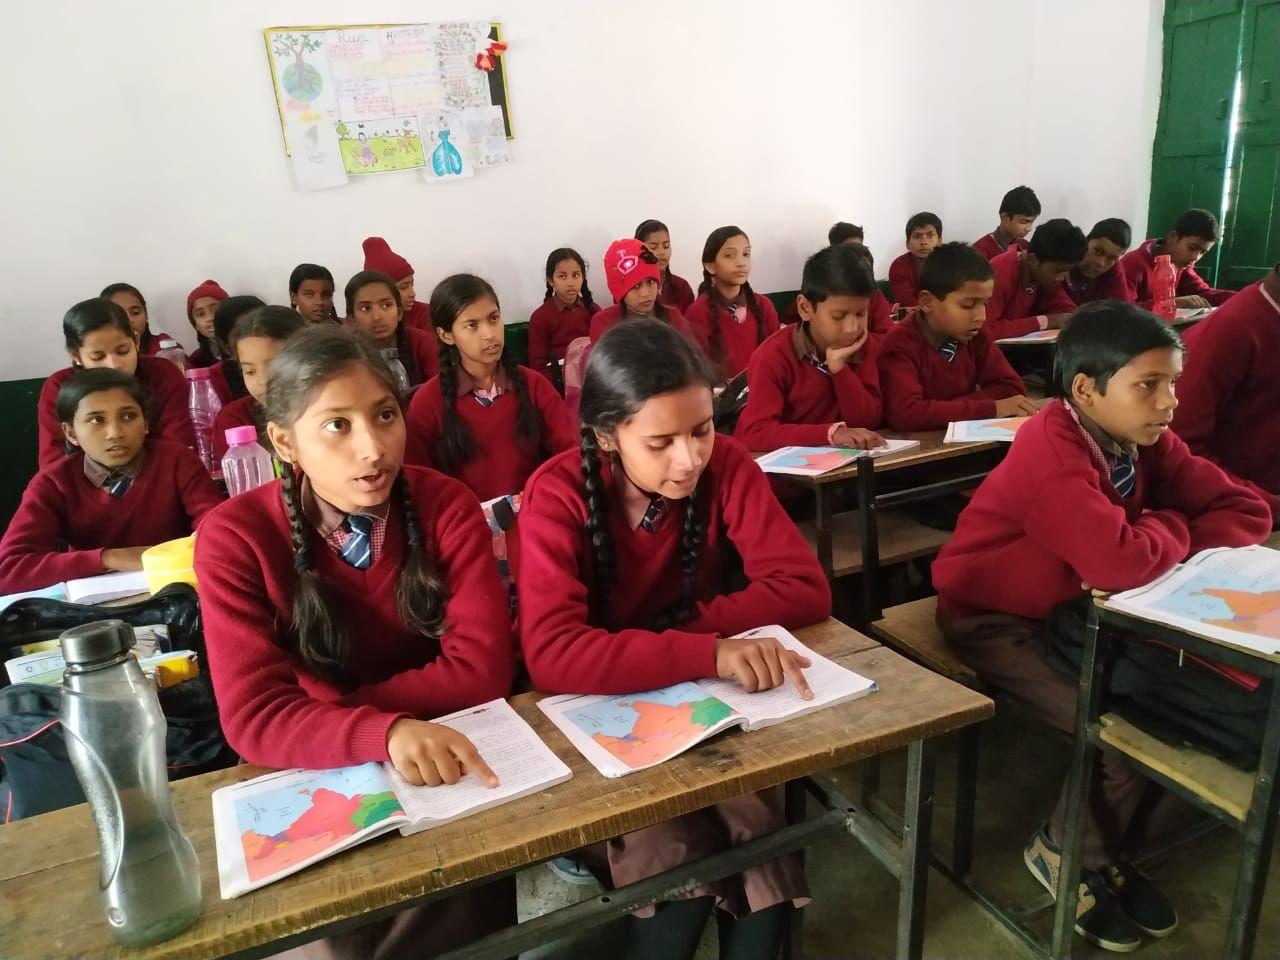 इस स्कूल में प्रधानाध्यापक अभिभावकों से भरवाते हैं शपथ पत्र